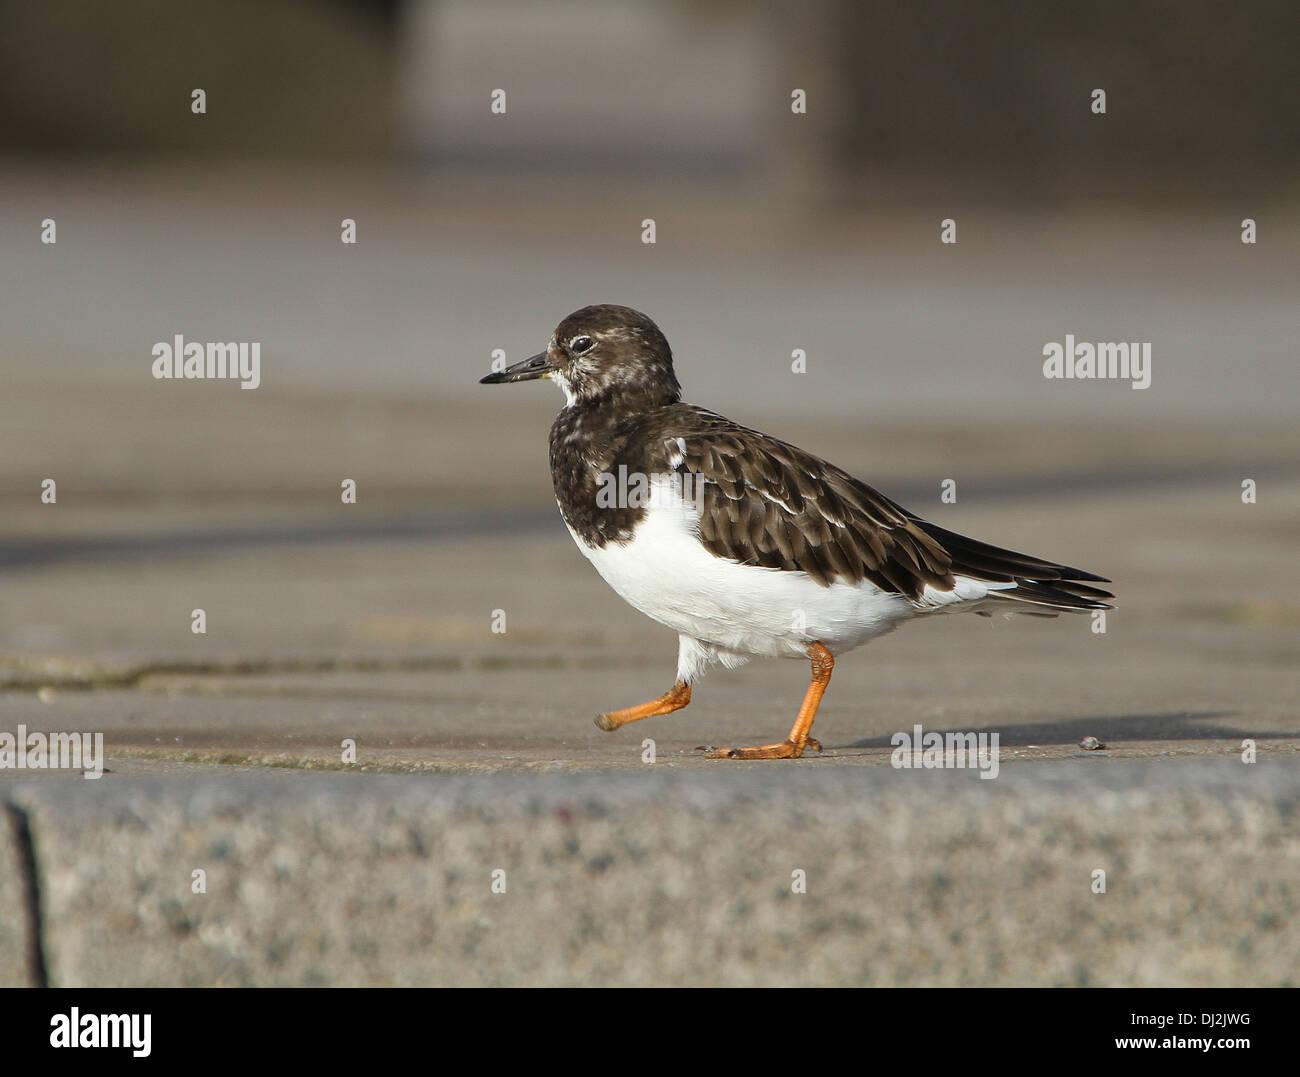 Fantastisch Vogel Fußanatomie Fotos - Menschliche Anatomie Bilder ...